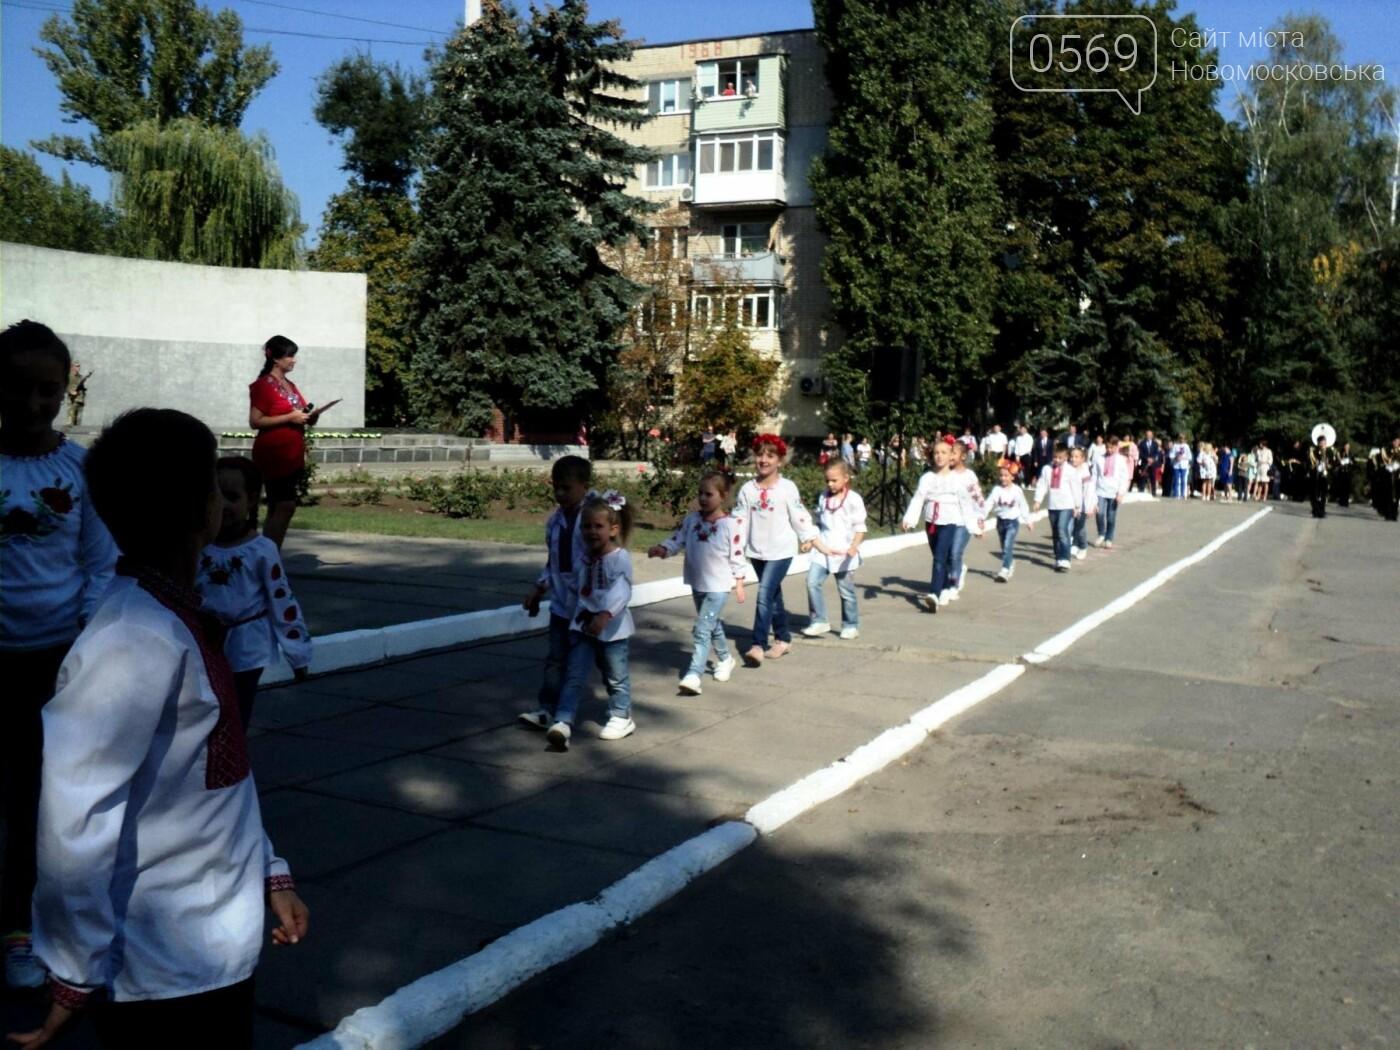 В Новомосковську пройшов урочистий мітинг до Дня міста, фото-5